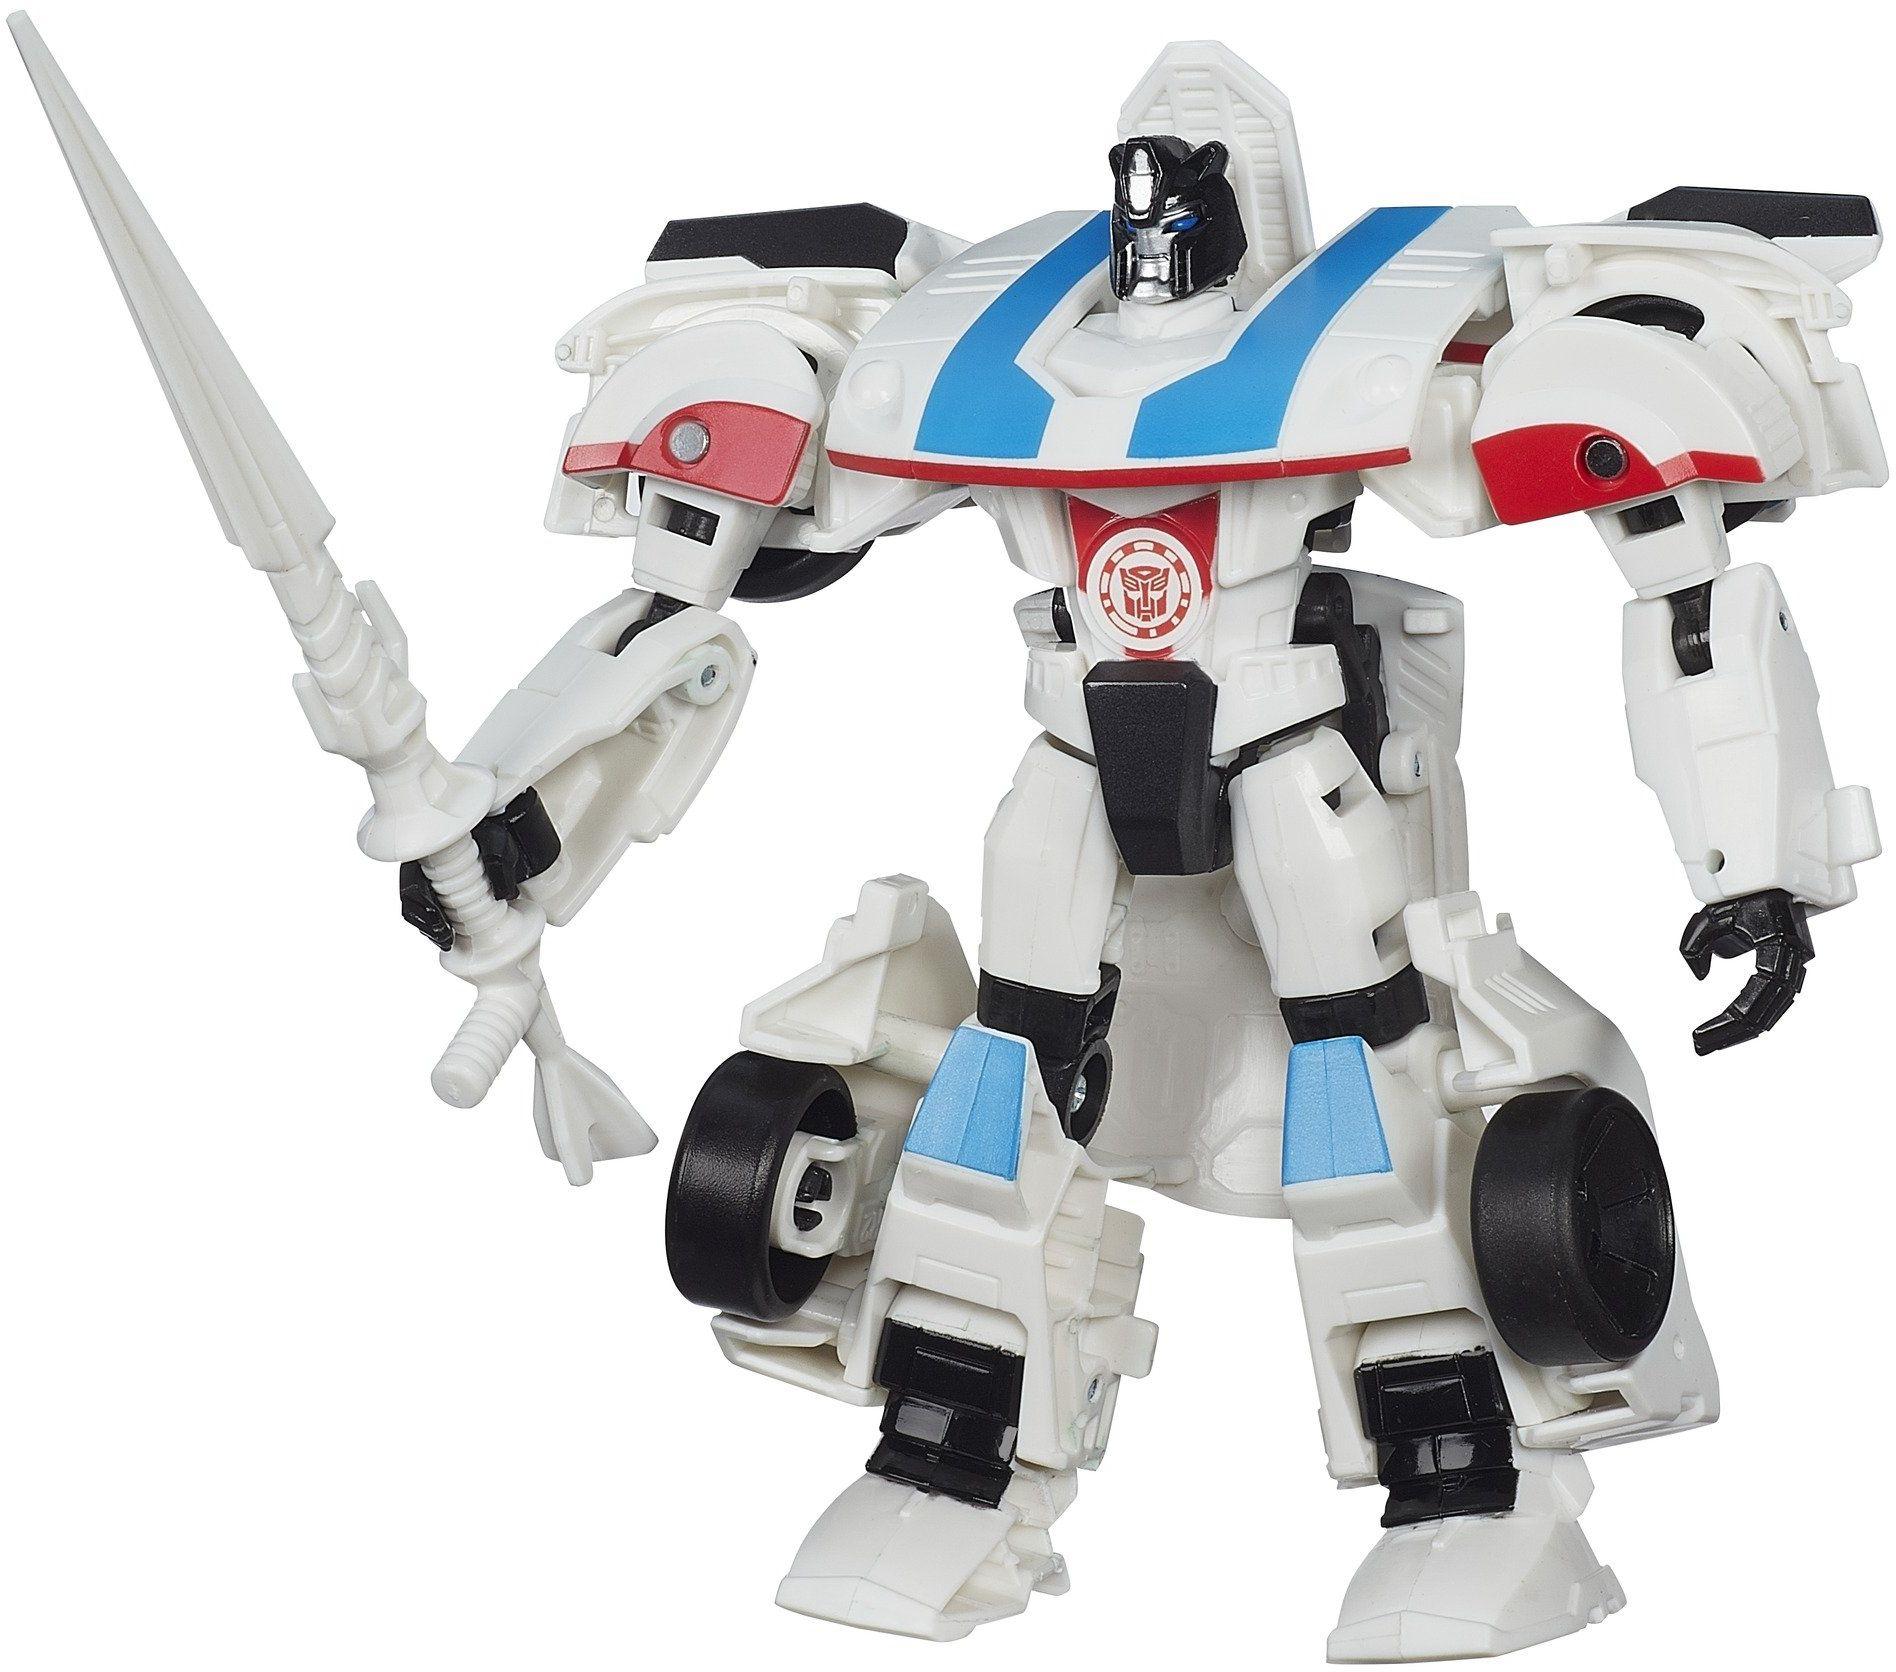 Transformers Roboty w przebraniu wojowników klasa Sideswipe figurka i akcesoria